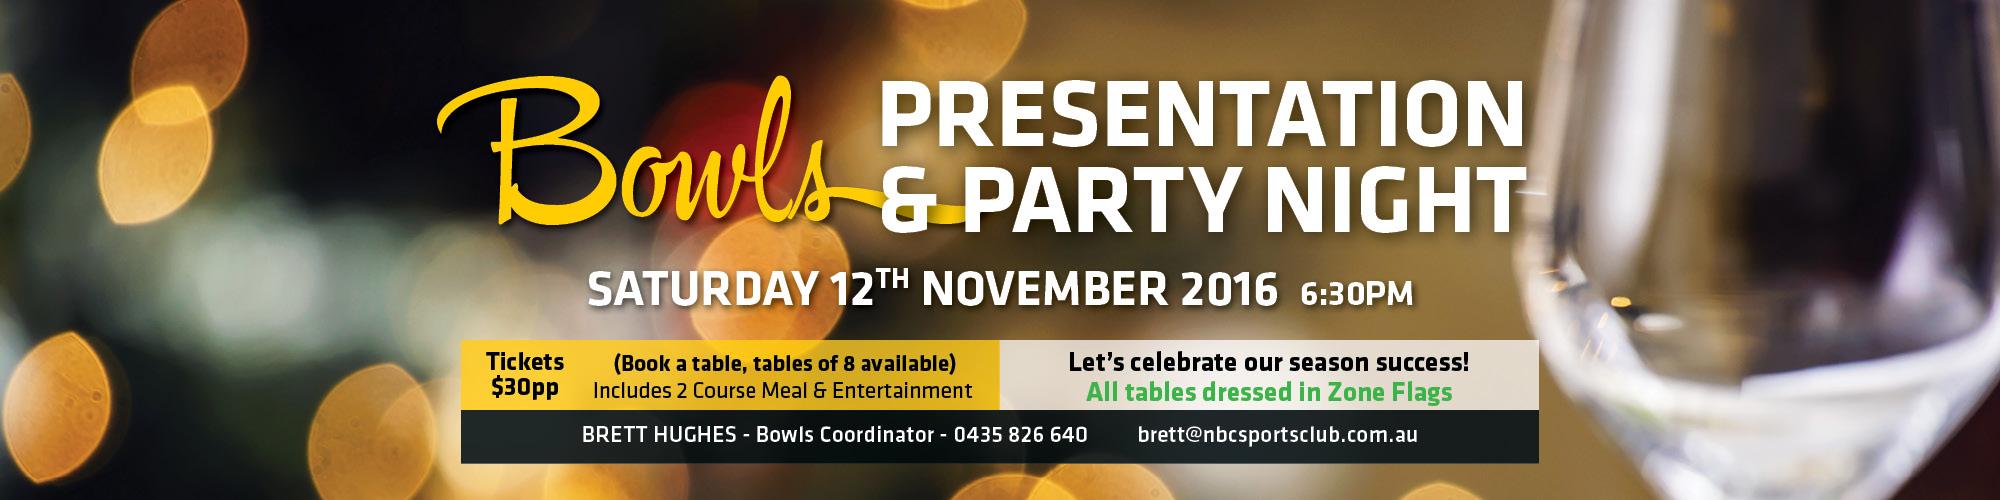 Bowls-Presentation-Party-website-slide-2000x500